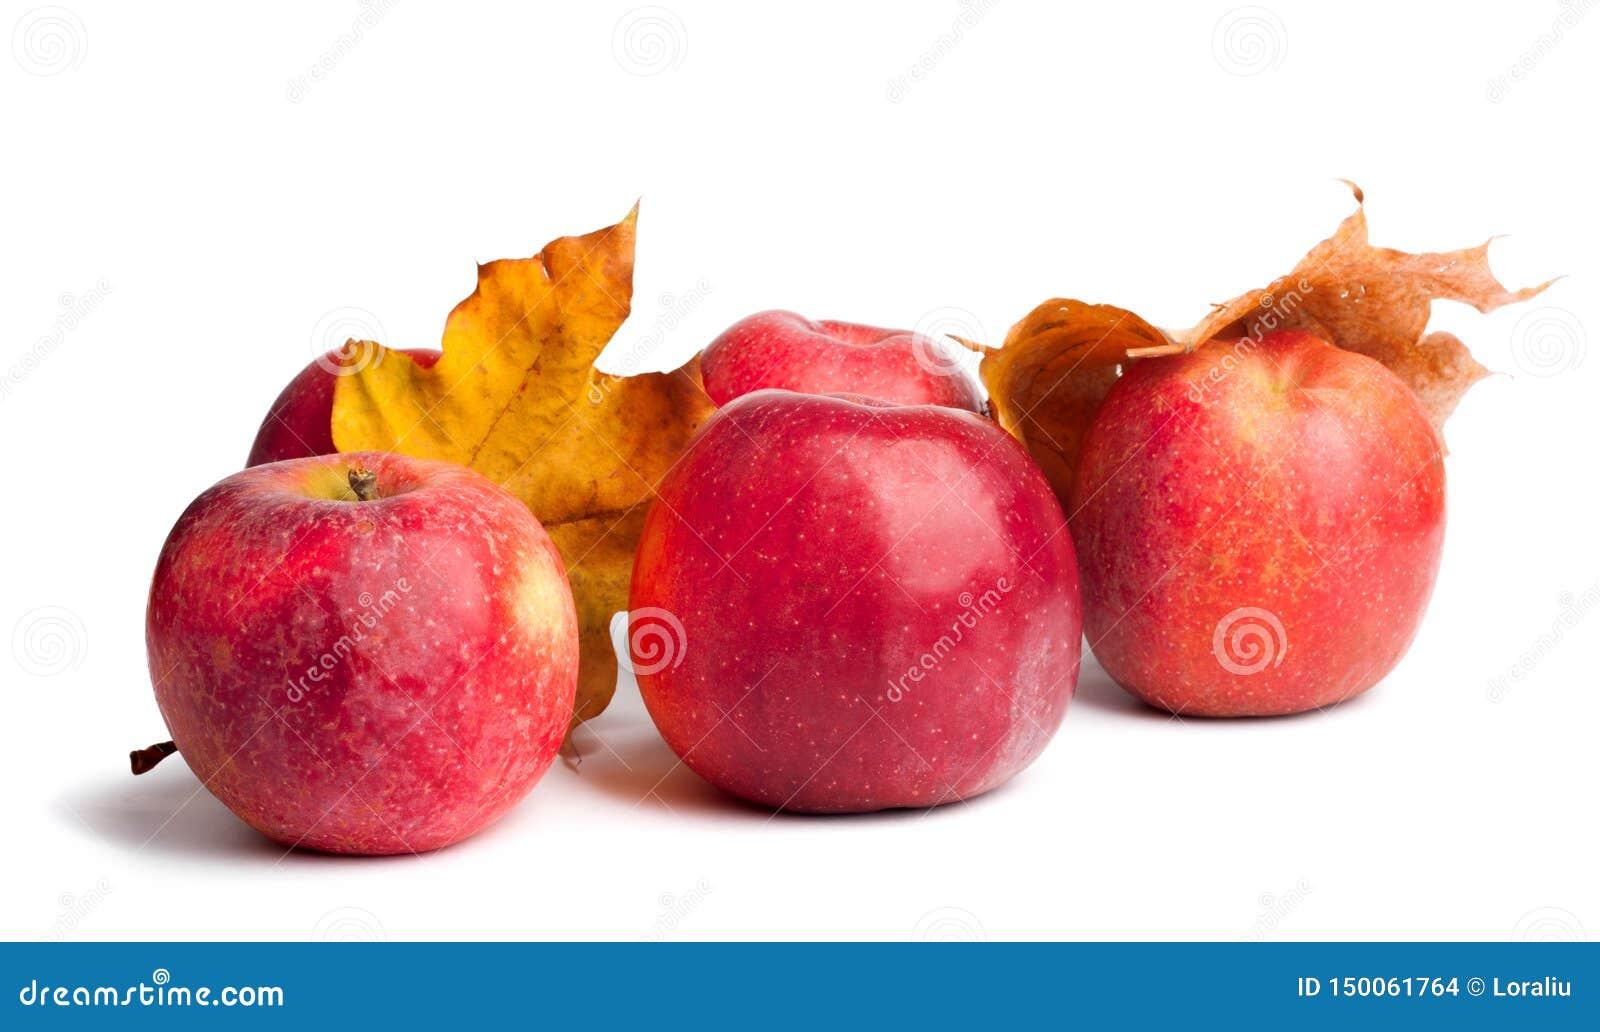 Flera mogna saftiga röda äpplen med höstsidor på isolerad bakgrund